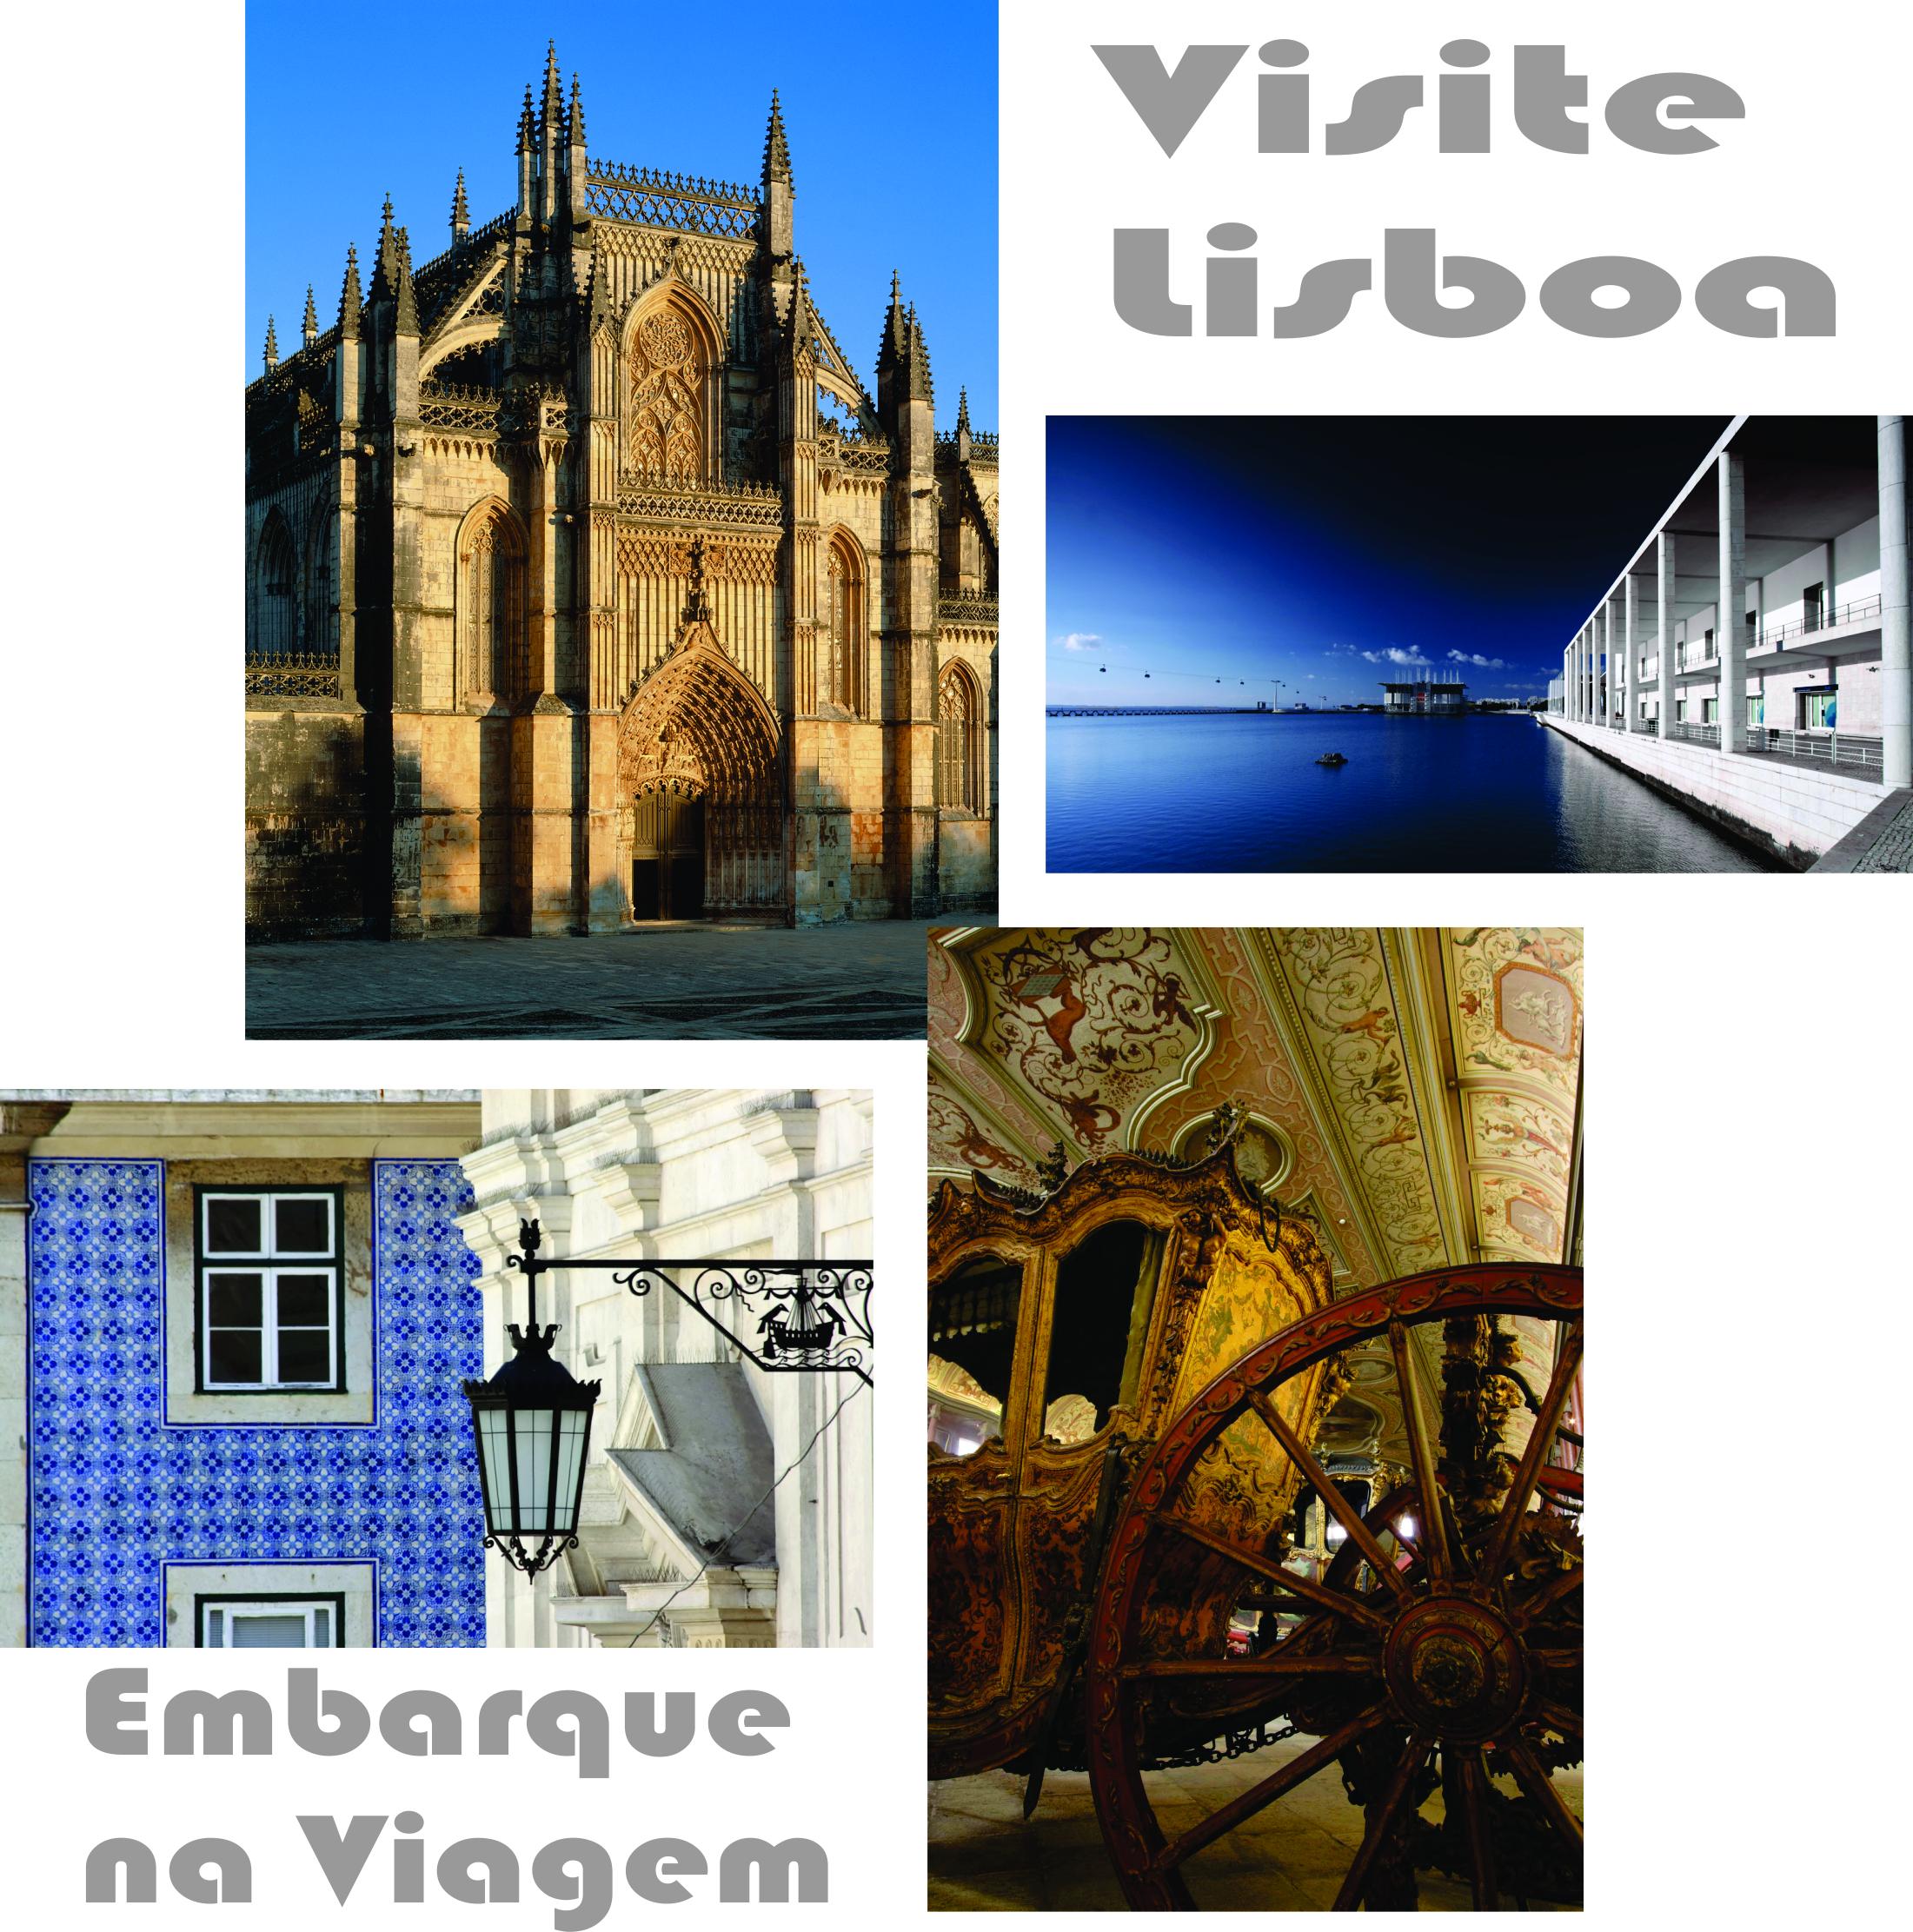 Visite Lisboa